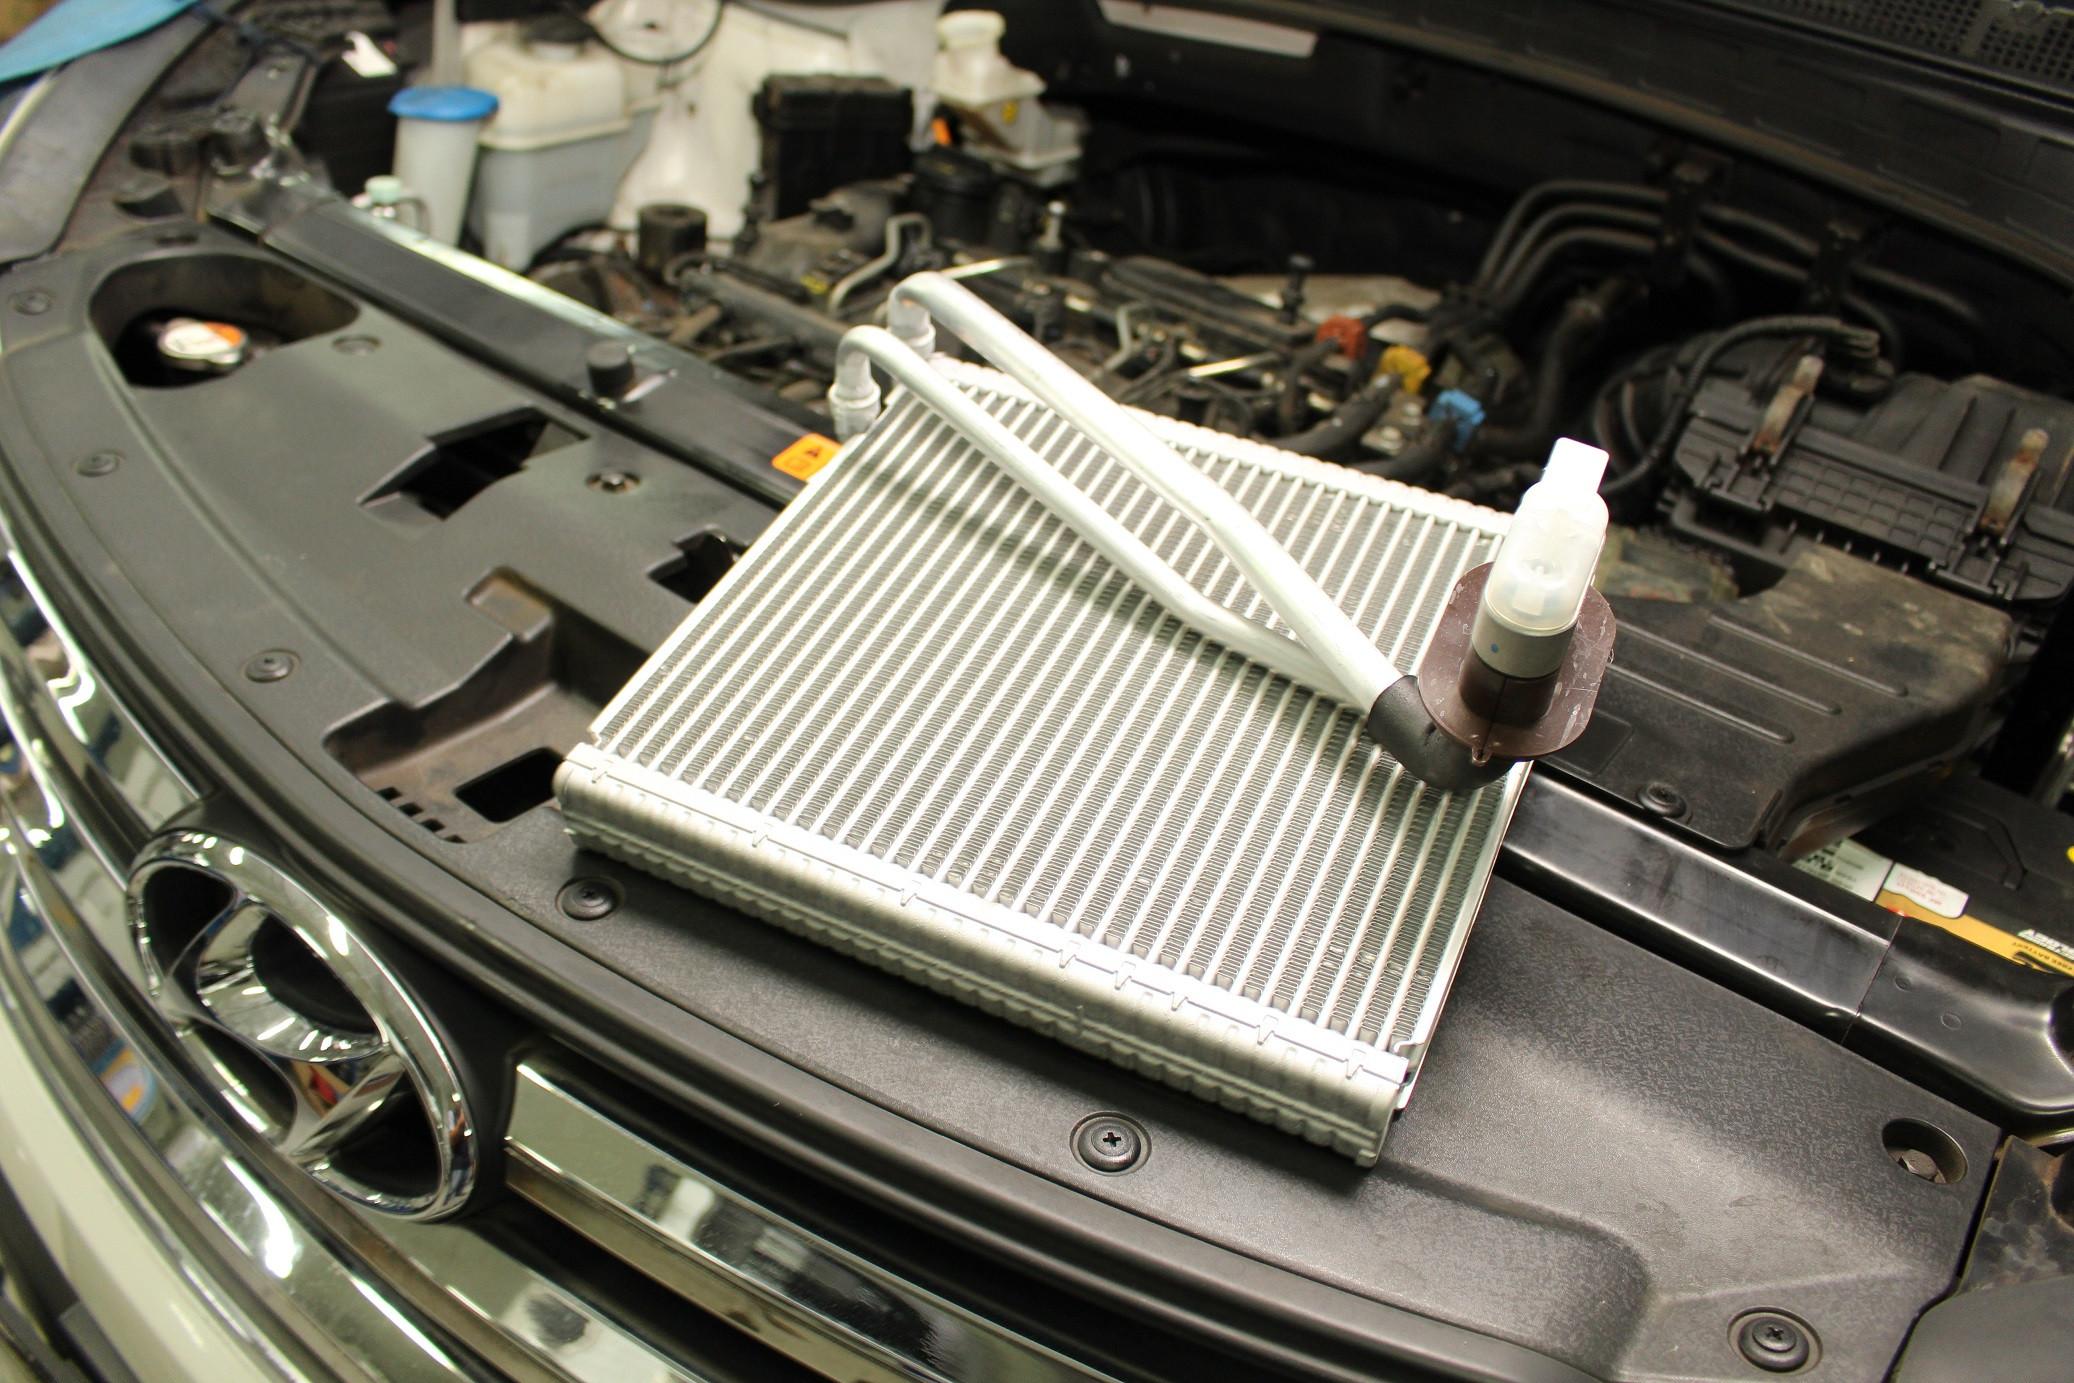 Cek Dan Rawatlah 3 Komponen Utama Agar AC Tetap Dingin